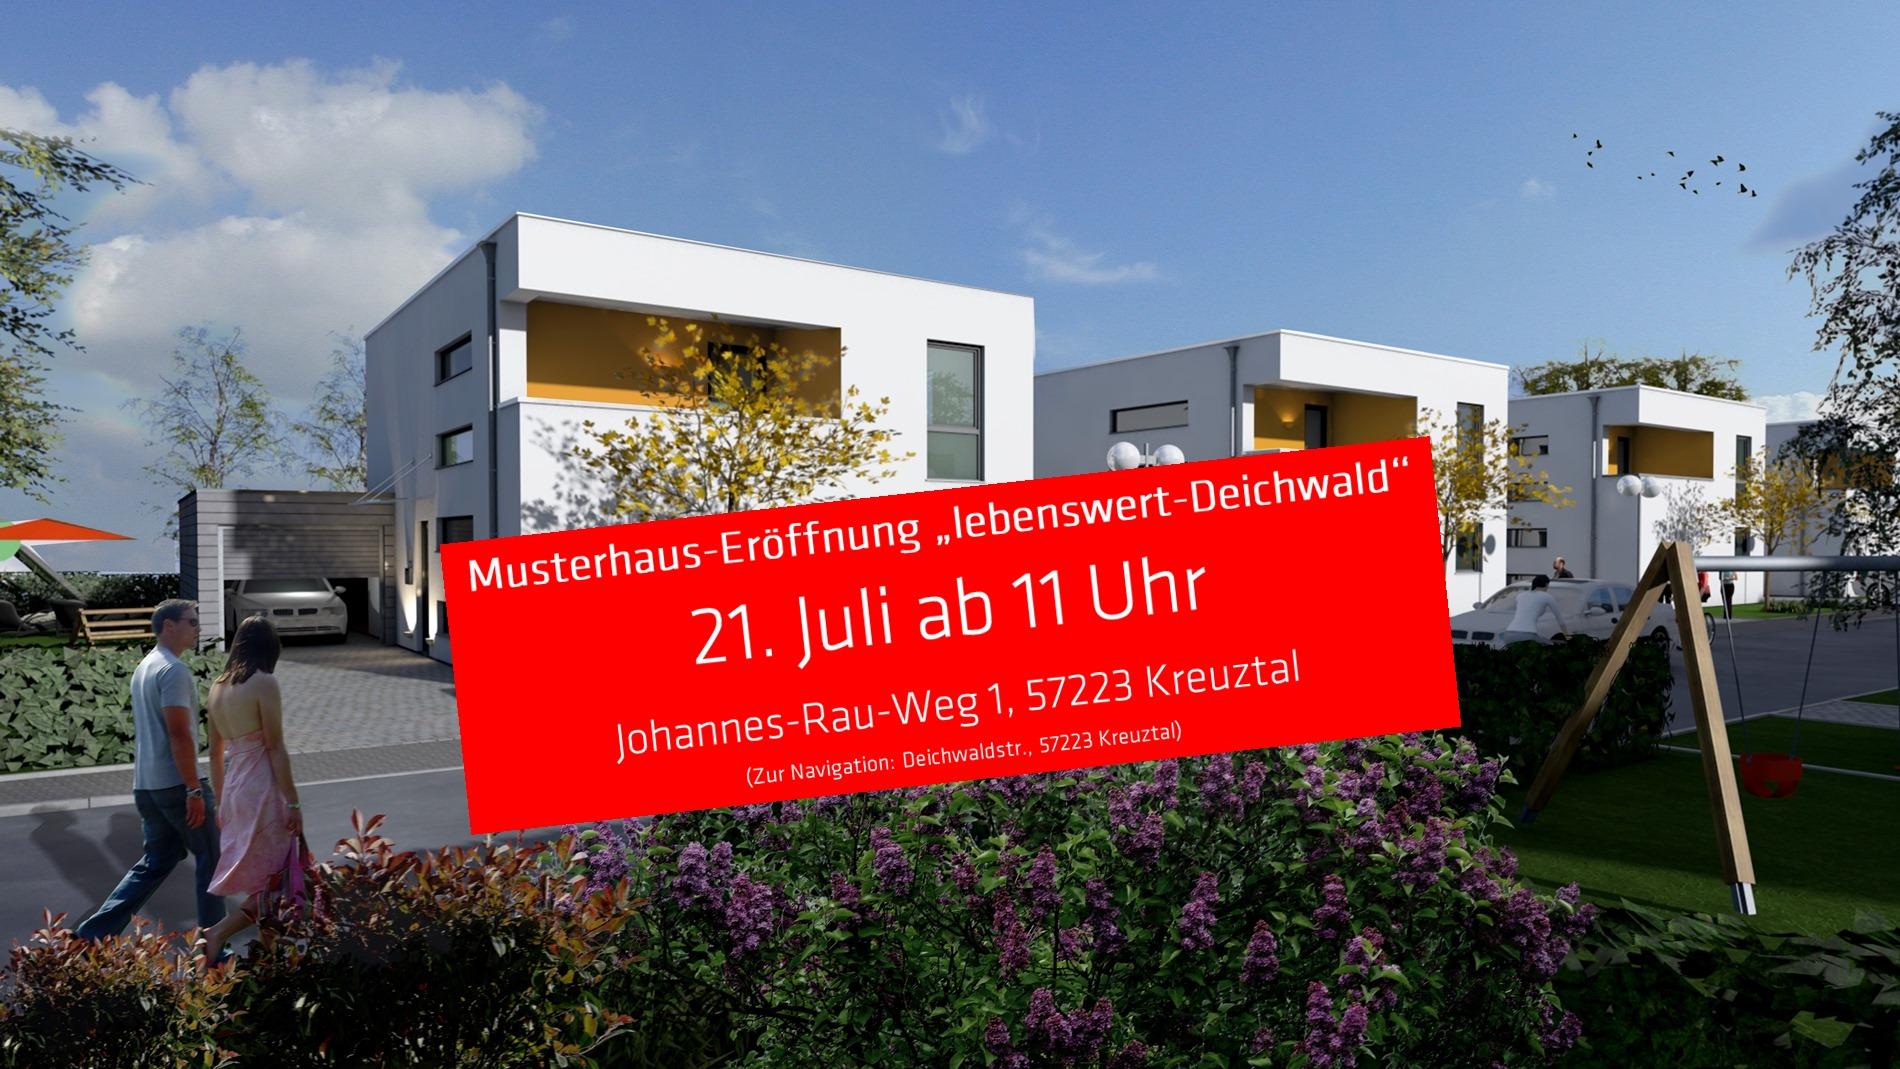 """Eröffnung Musterhaus """"Lebenswert-Deichwald"""" am 21. Juli 2018"""